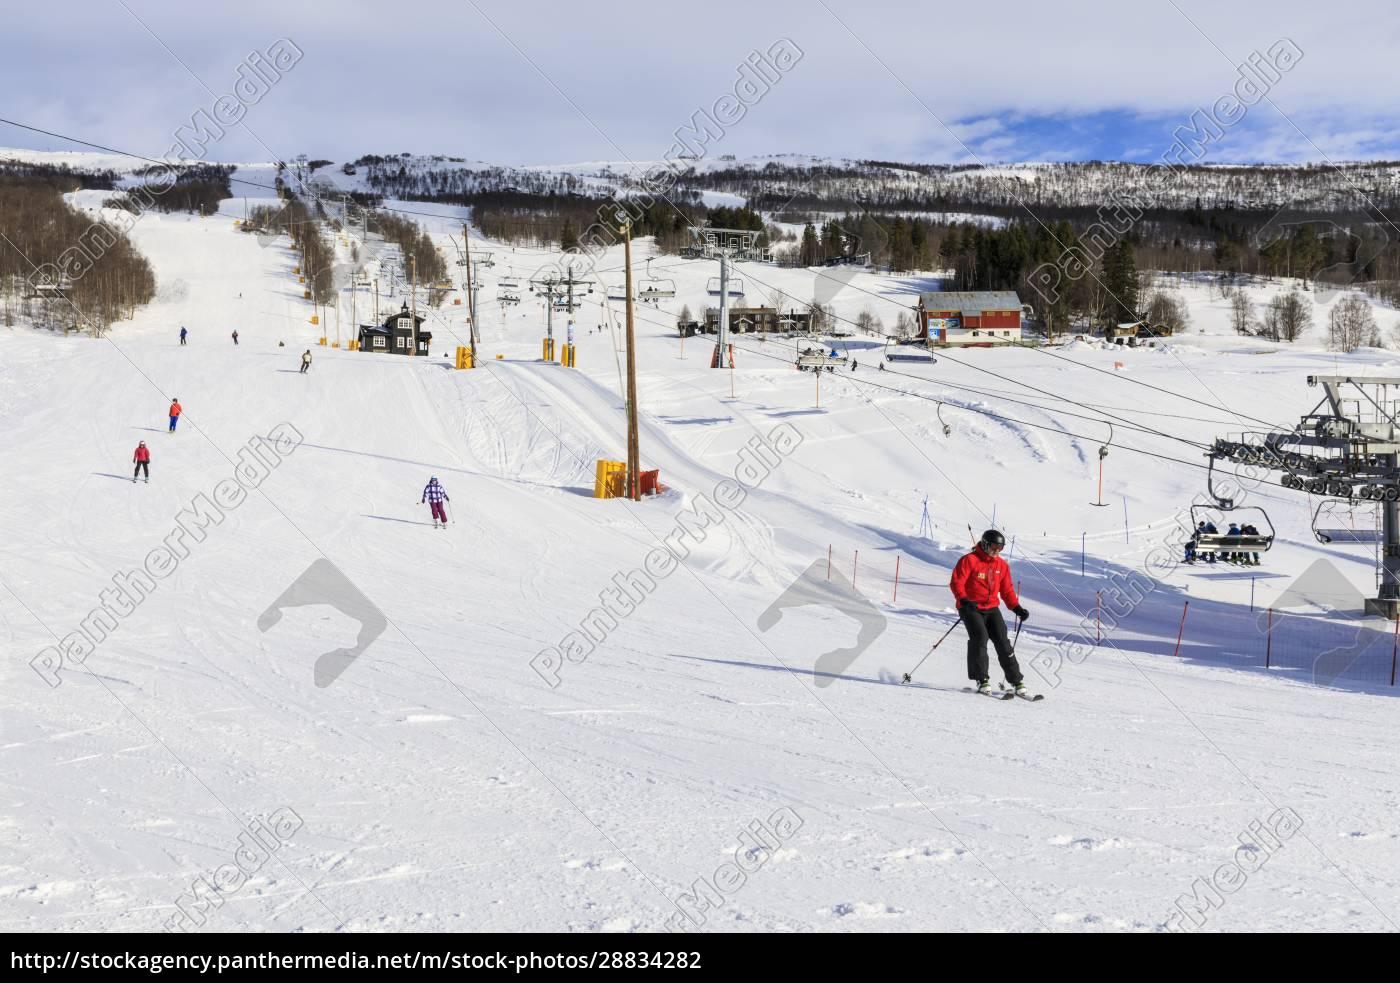 bjorli, village, skifahrer, piste, und, sessellift, frühschneeskigebiet, wintersonne, gudbrandsdalental, oppland, norwegen, skandinavien, europa - 28834282